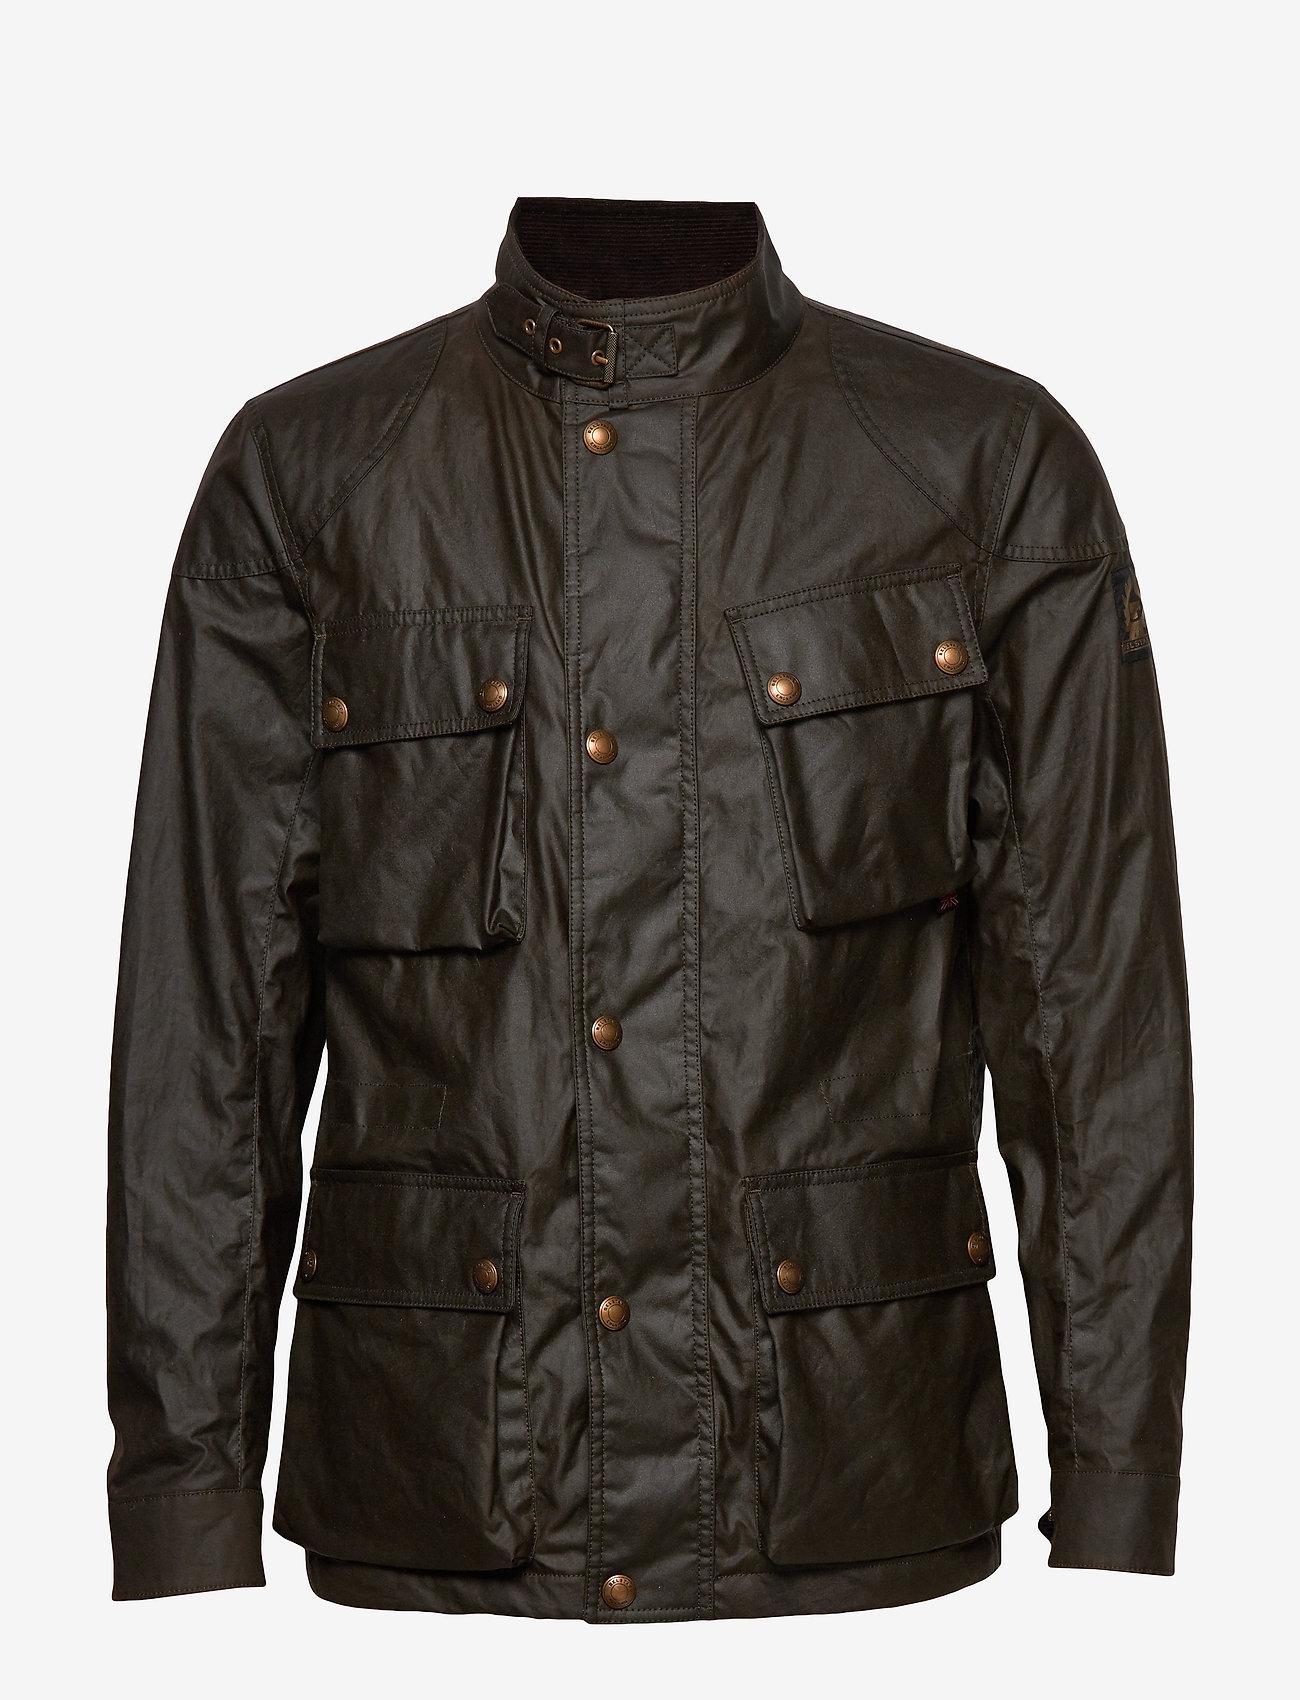 Refinería Tremendo Existencia  Fieldmaster Jacket (Faded Olive) (£450) - Belstaff -   Boozt.com